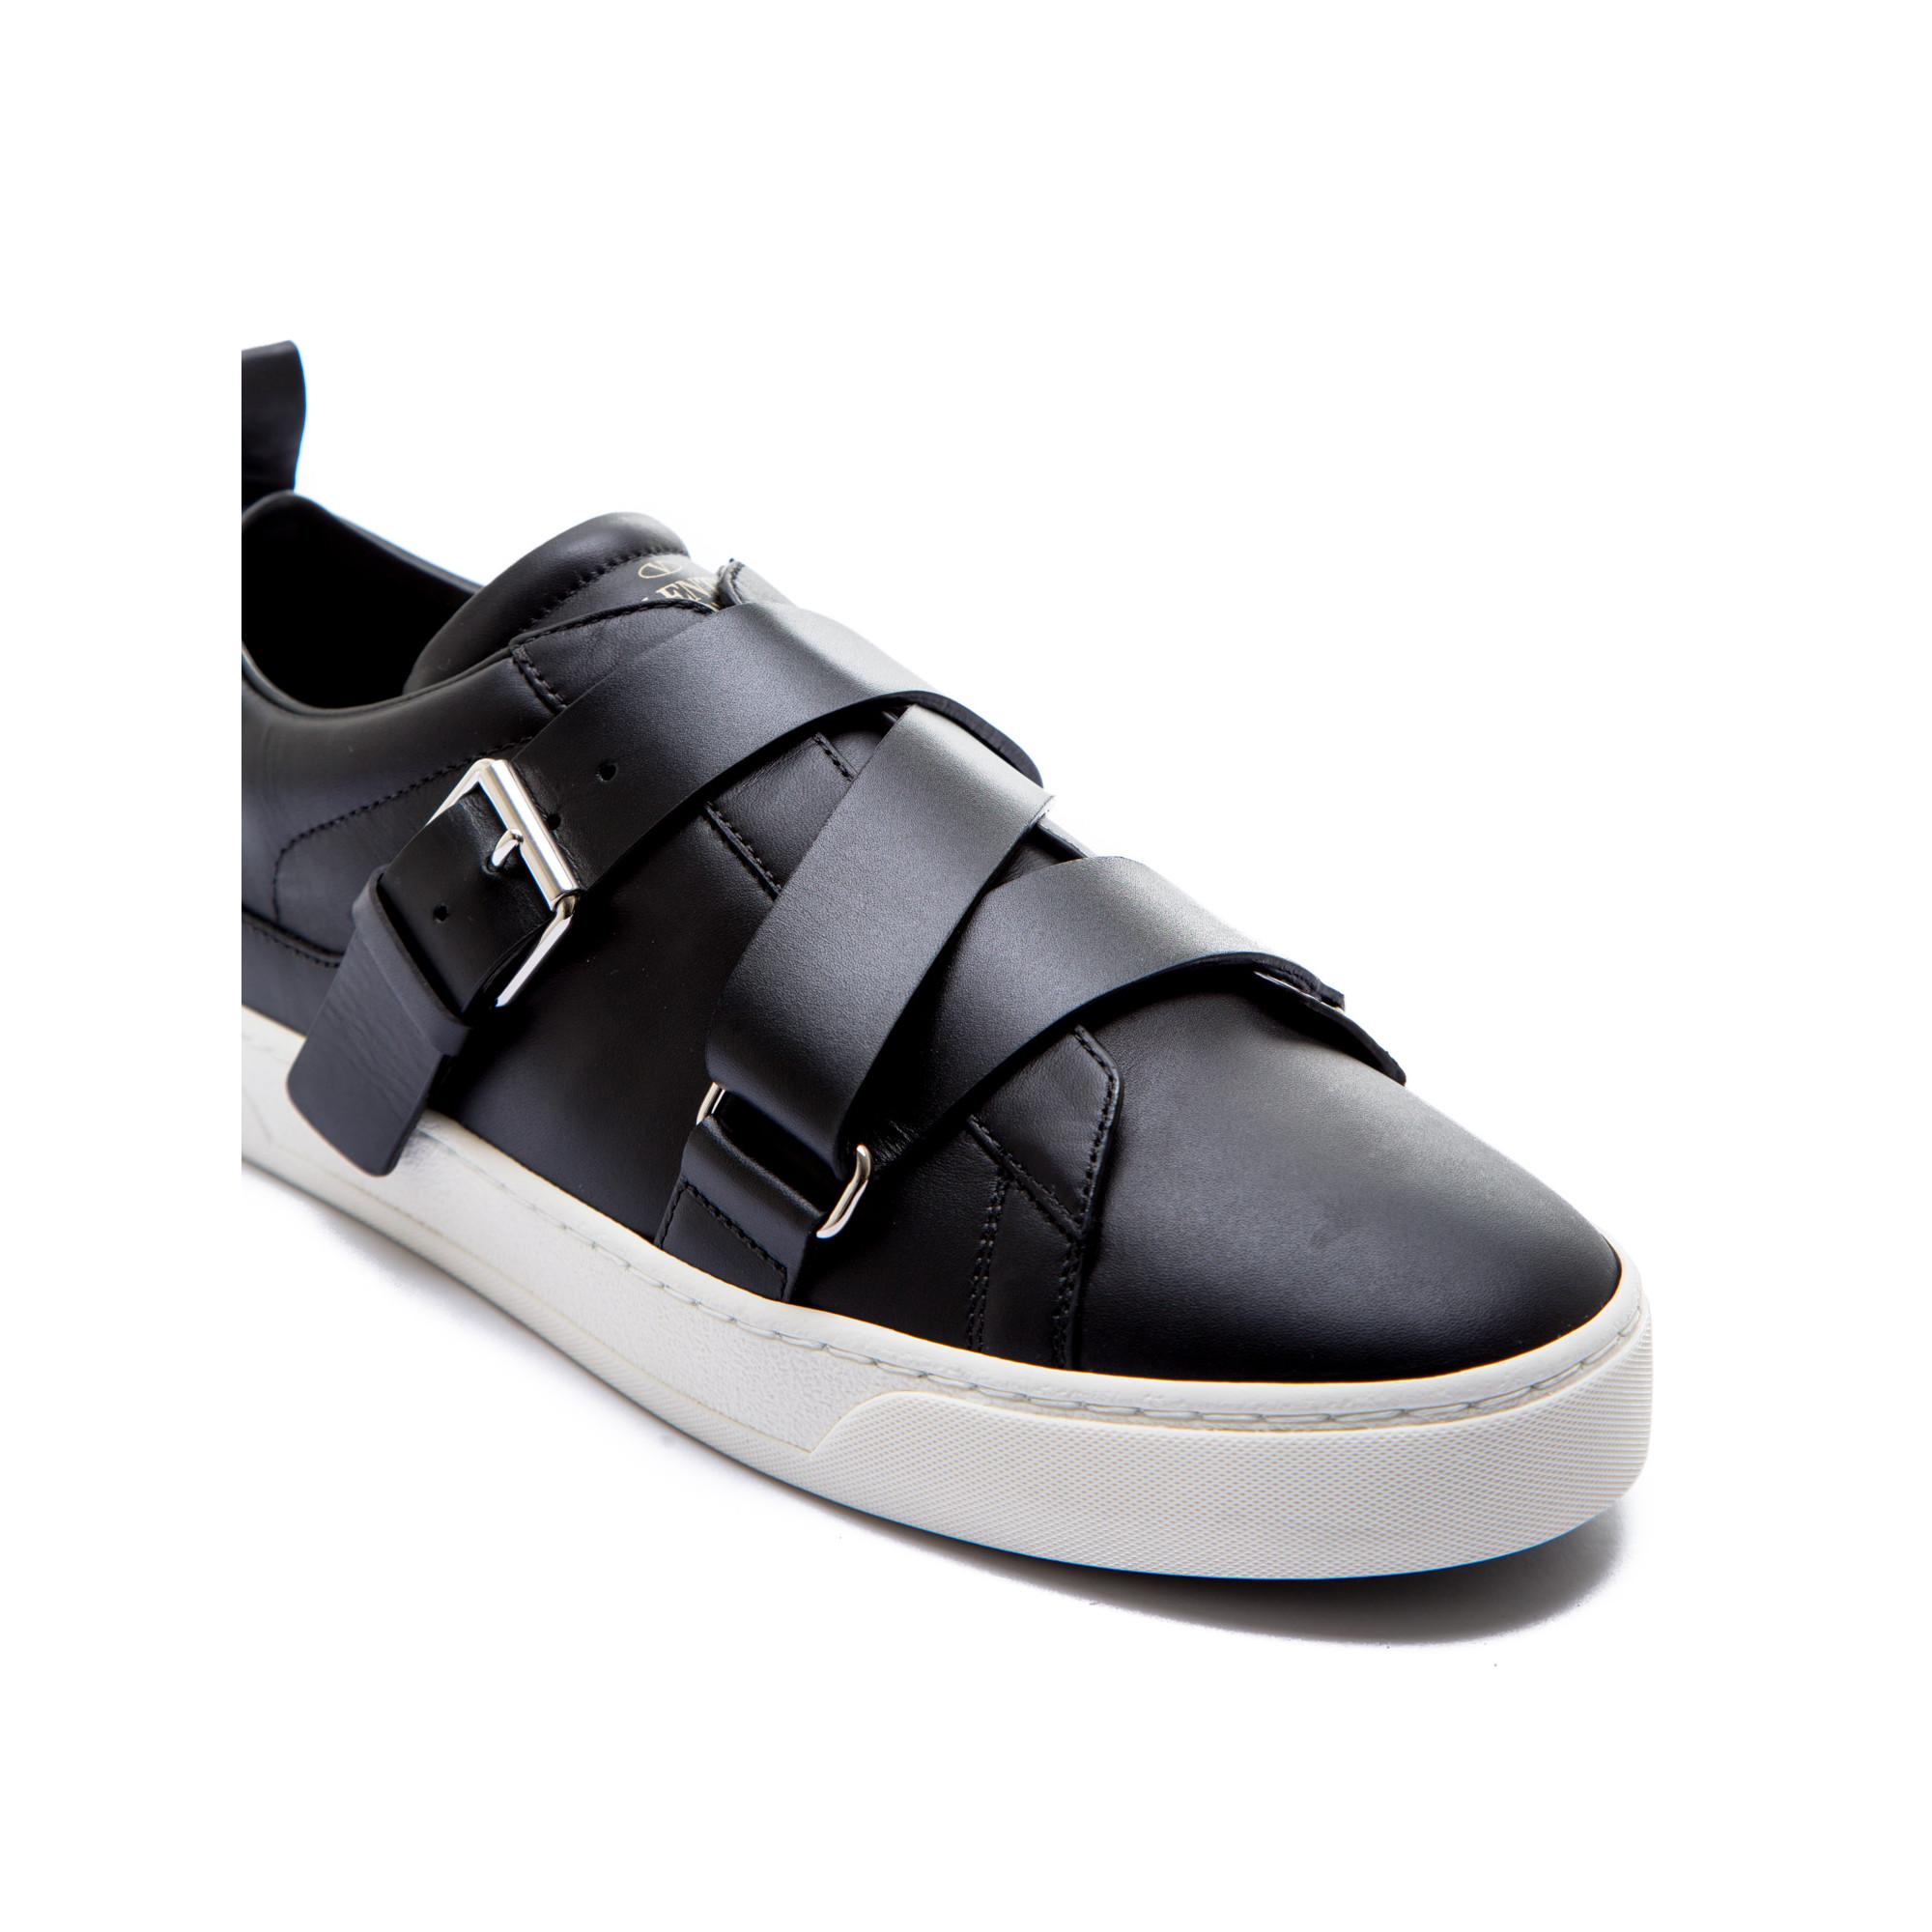 Valentino Chaussures Noires Avec Des Boucles Pour Les Hommes grDr3q